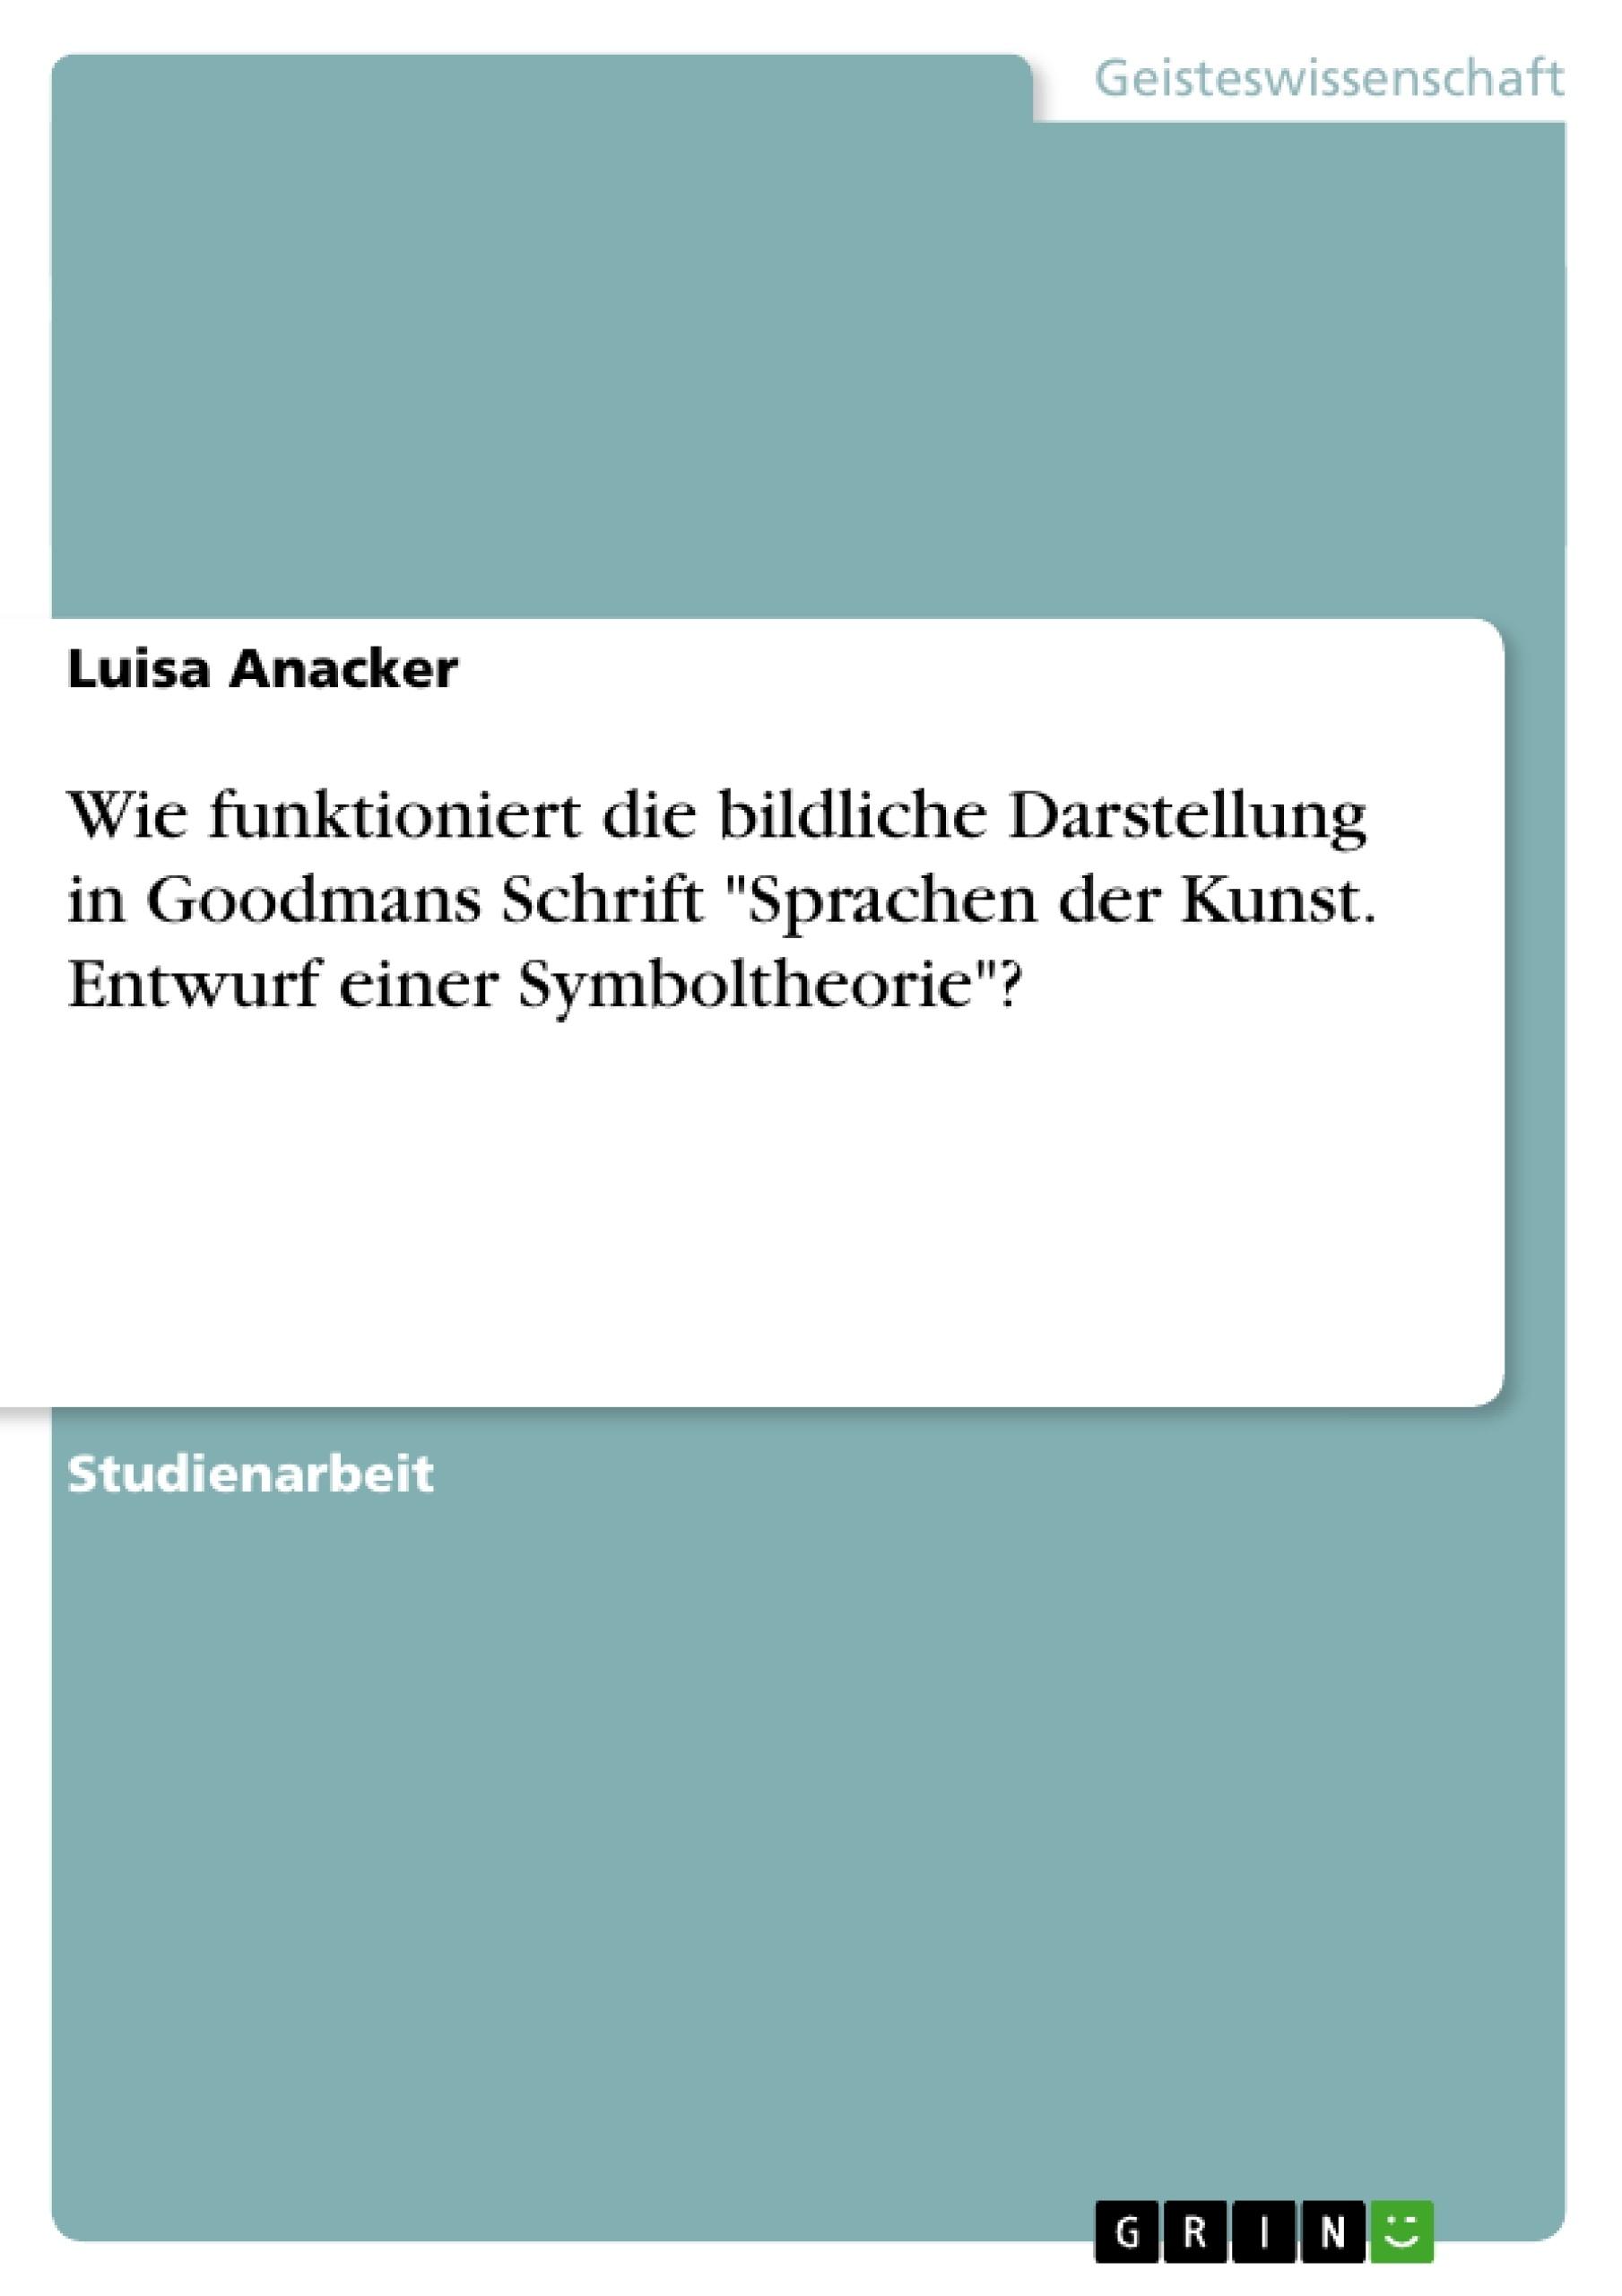 """Titel: Wie funktioniert die bildliche Darstellung in Goodmans Schrift """"Sprachen der Kunst. Entwurf einer Symboltheorie""""?"""